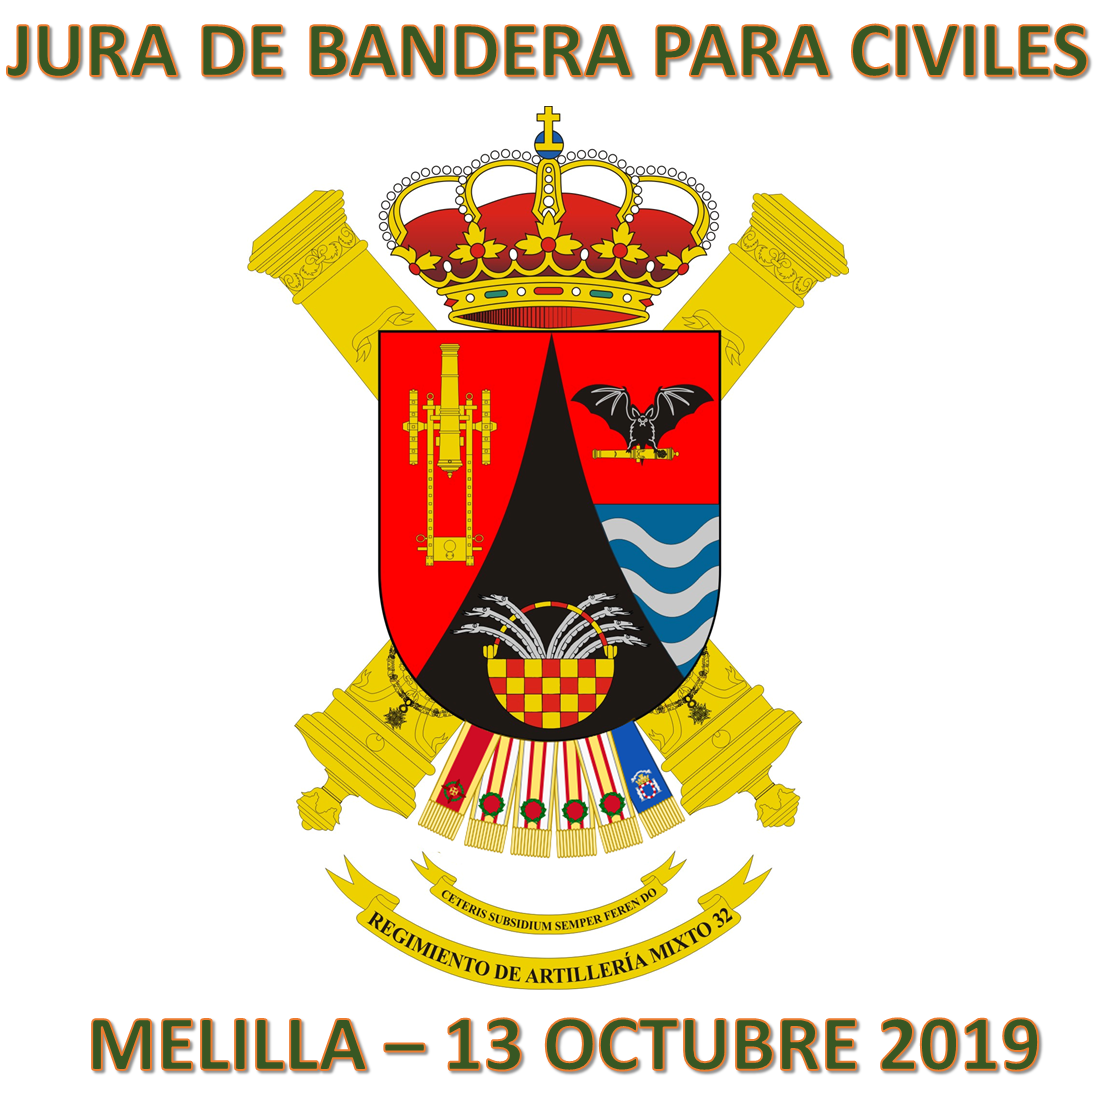 VIAJE A MELILLA PARA ASISTIR A LA JURA DE BANDERA DEL REGIMIENTO MIXTO DE ARTILLERÍA 32